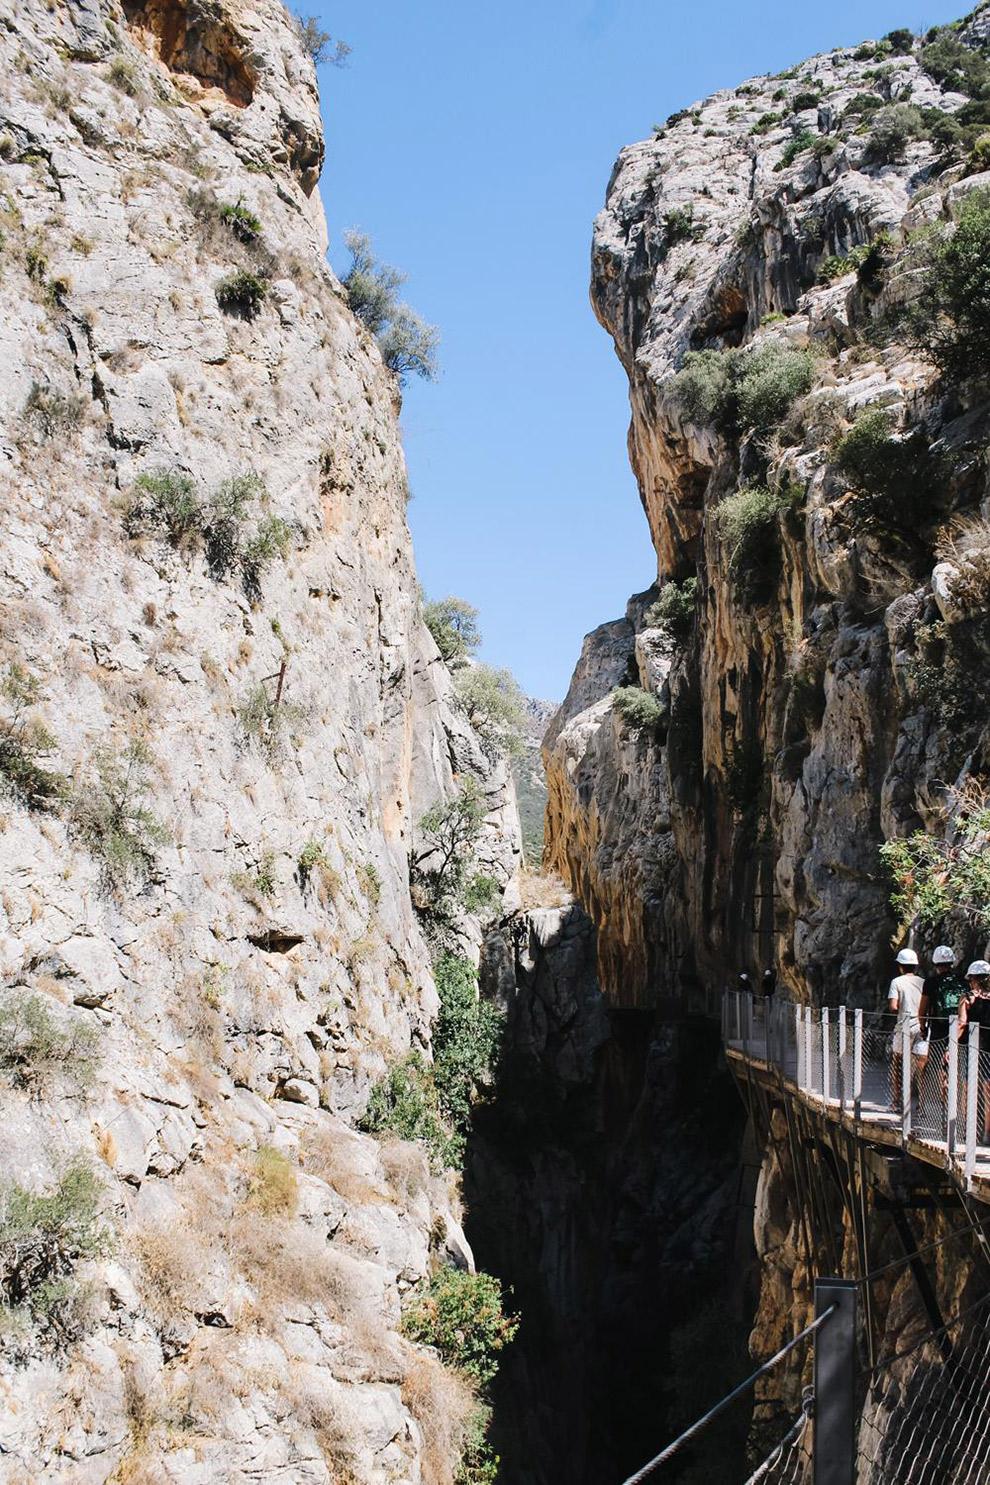 Wandelen tussen de steile rotsen van de Camino del Rey